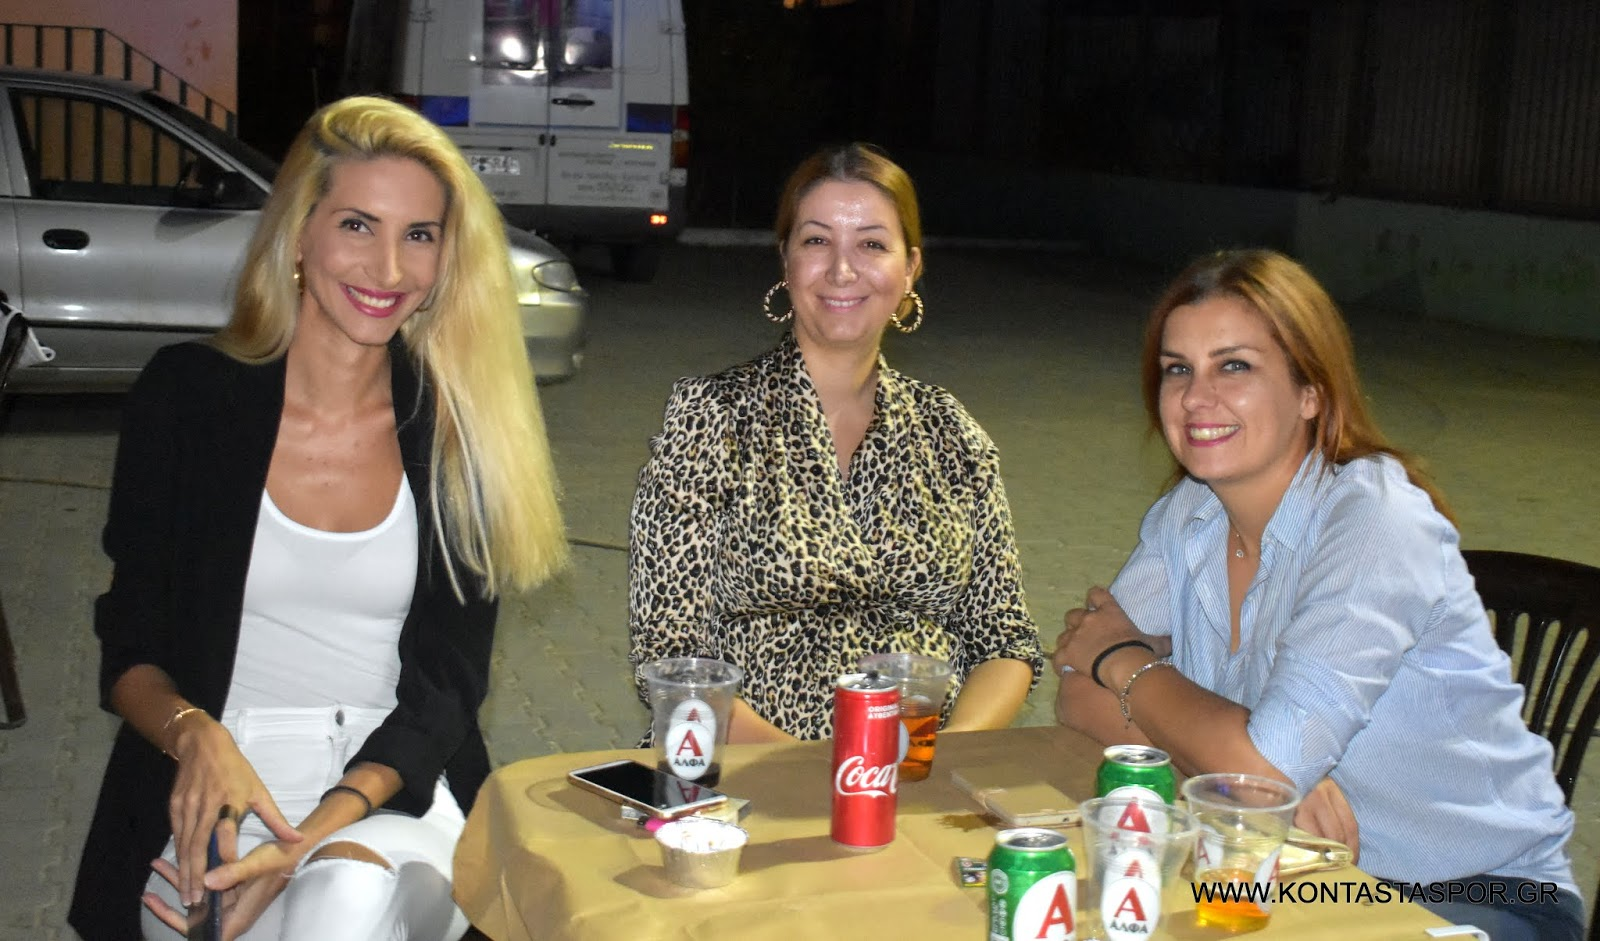 Με επιτυχία η λαική βραδιά  Αδαμαντίδη στα Ψαχνά (φωτογραφίες) 1 DSC 0033